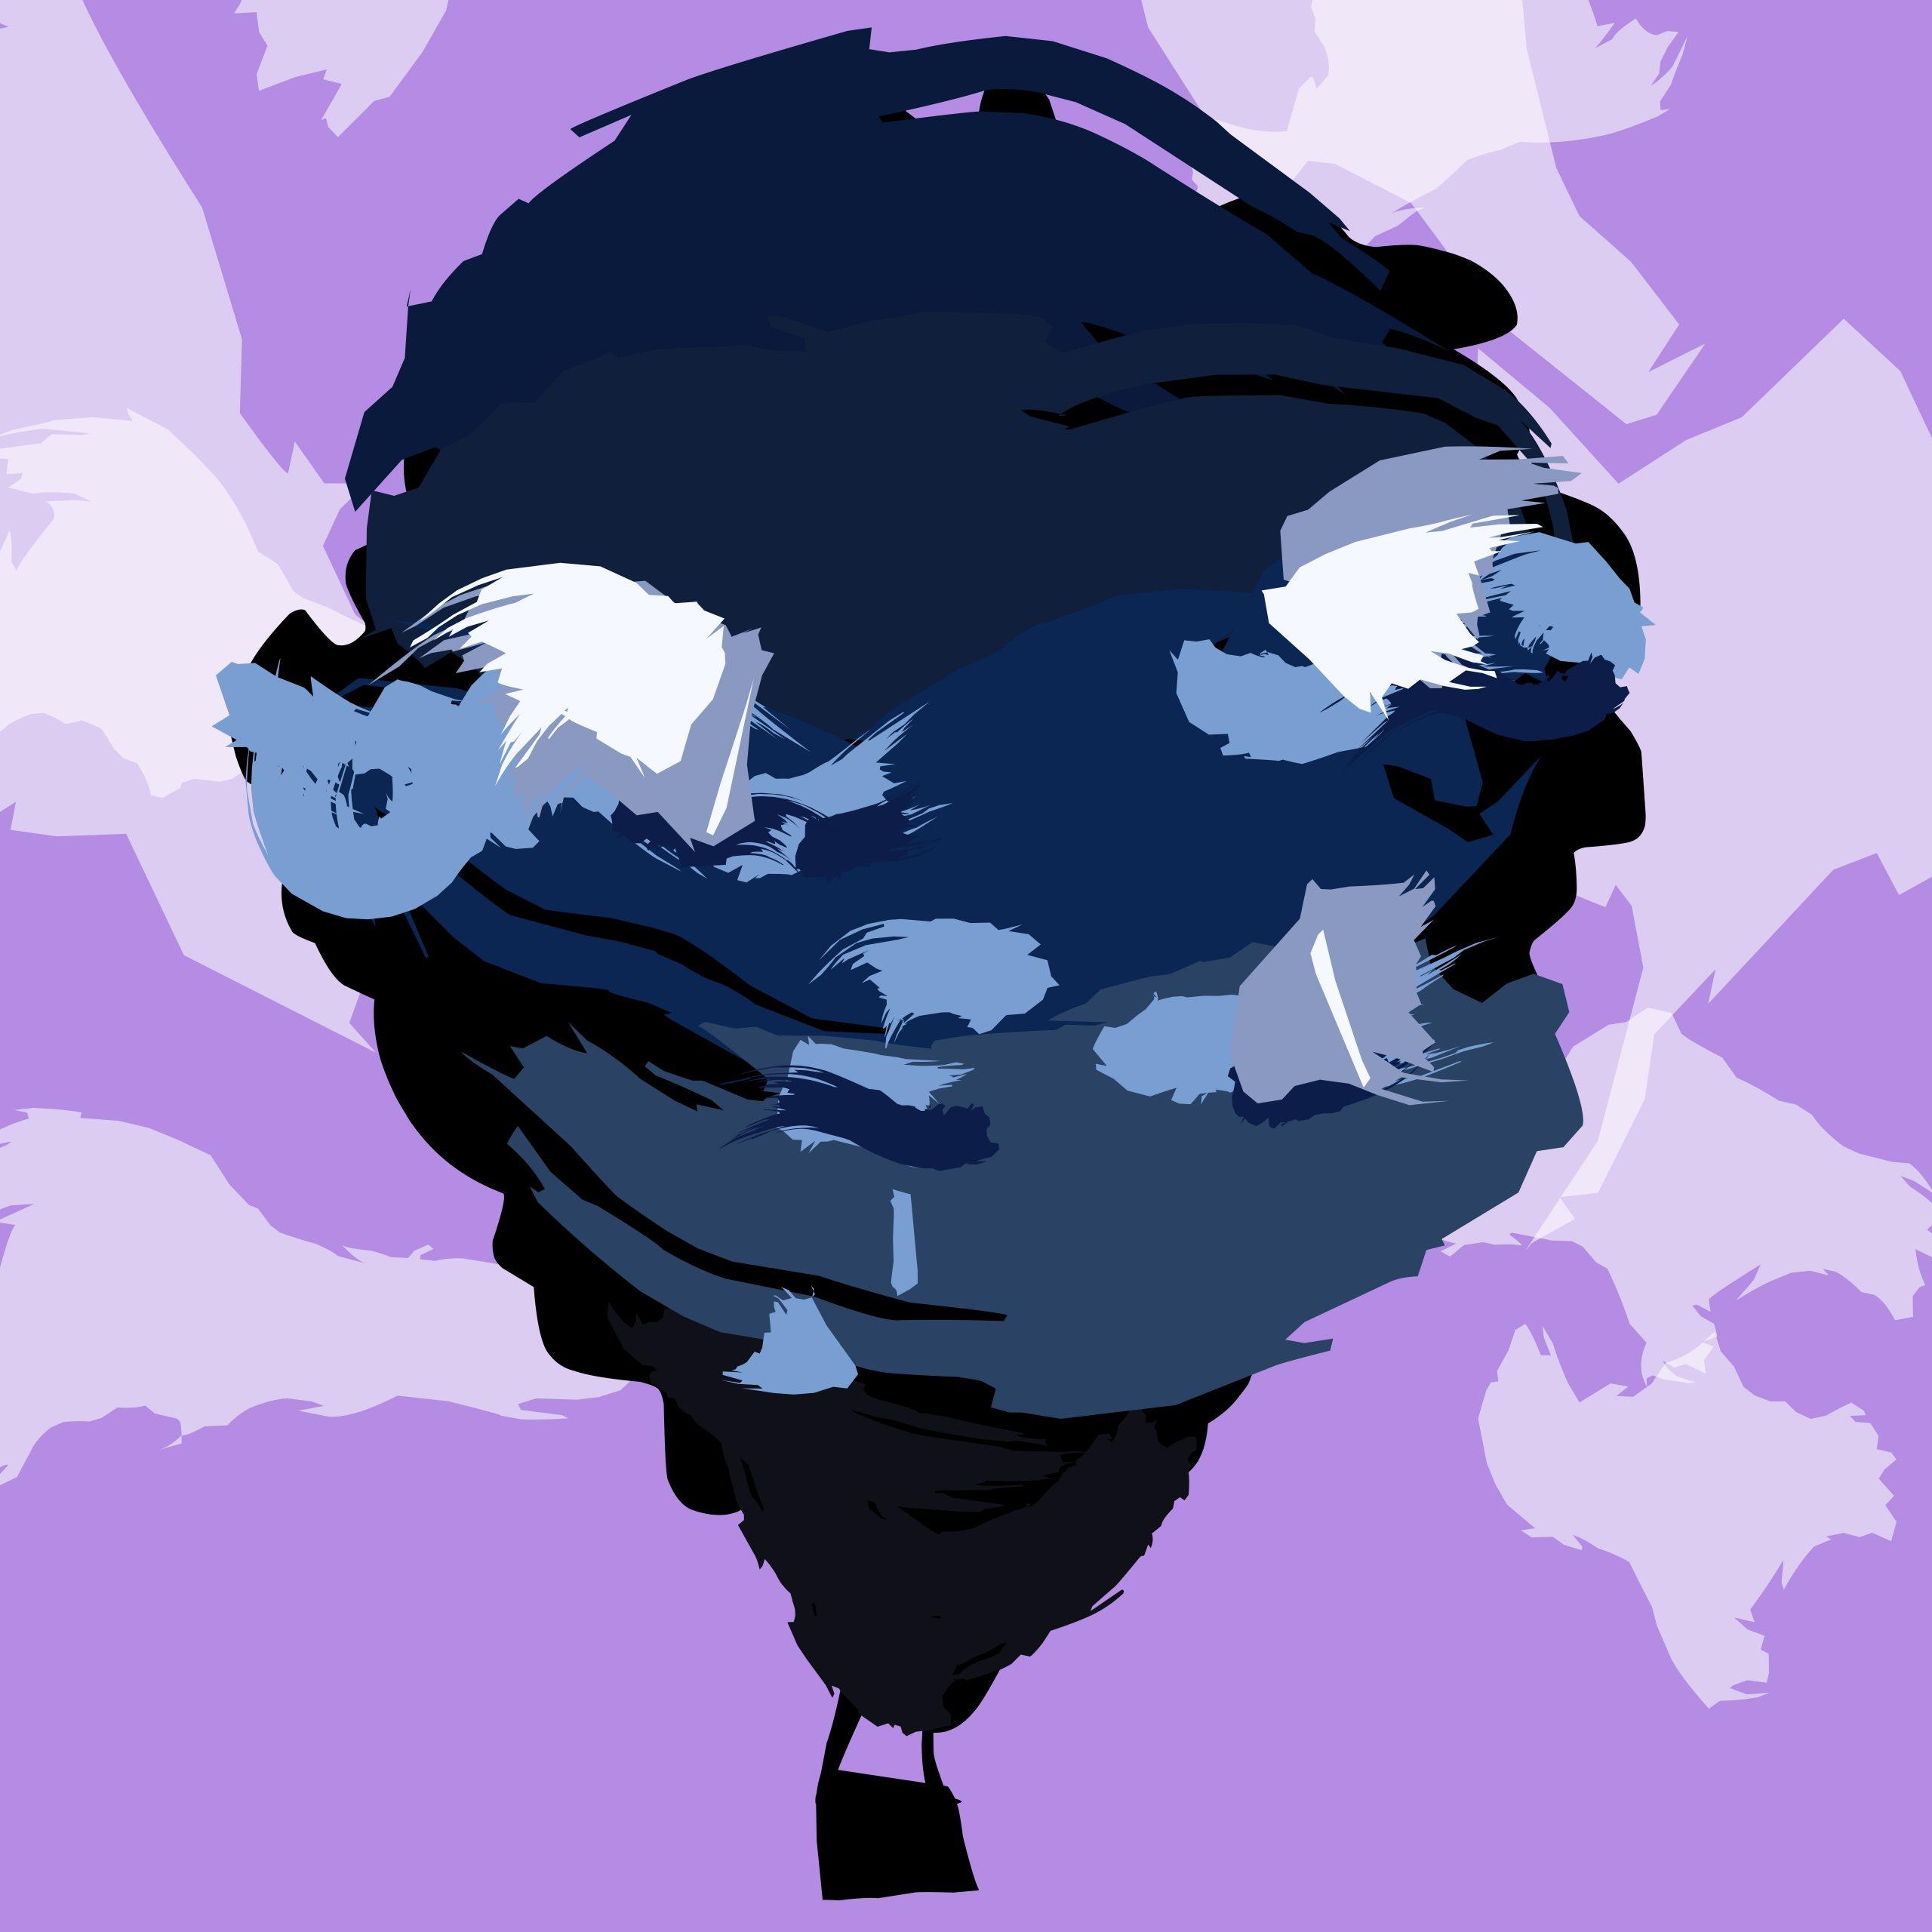 Hot-air balloon Illustration